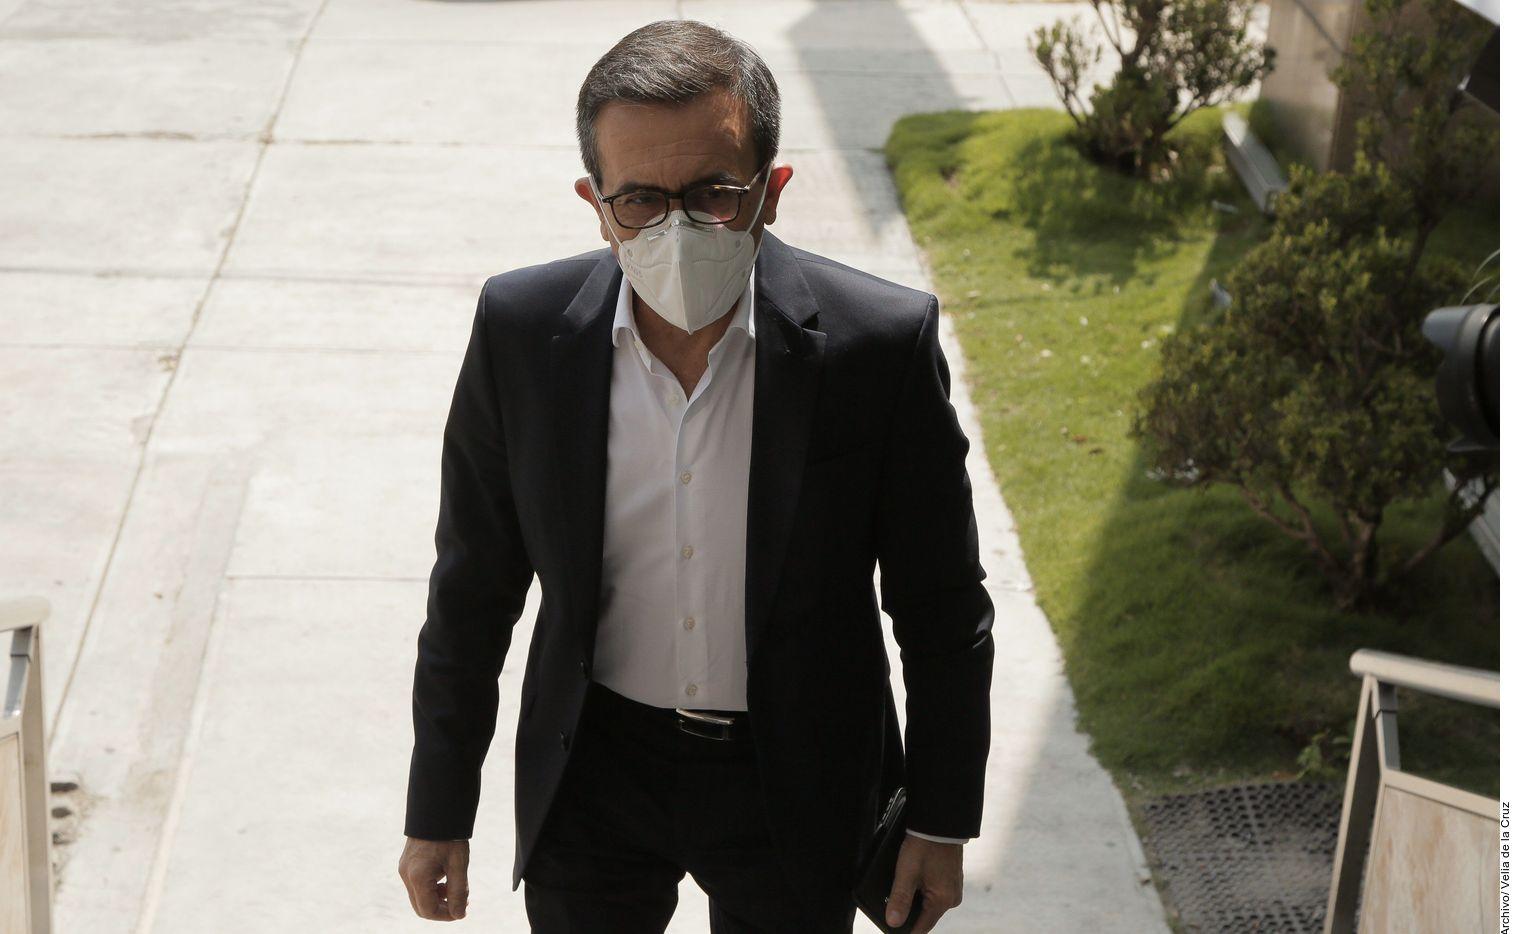 Un juez en México imputó con cargos de enriquecimiento ilícito al exsecretrario de Economía durante el gobierno de Enrique Peña Nieto, Ildefonso Guajardo.